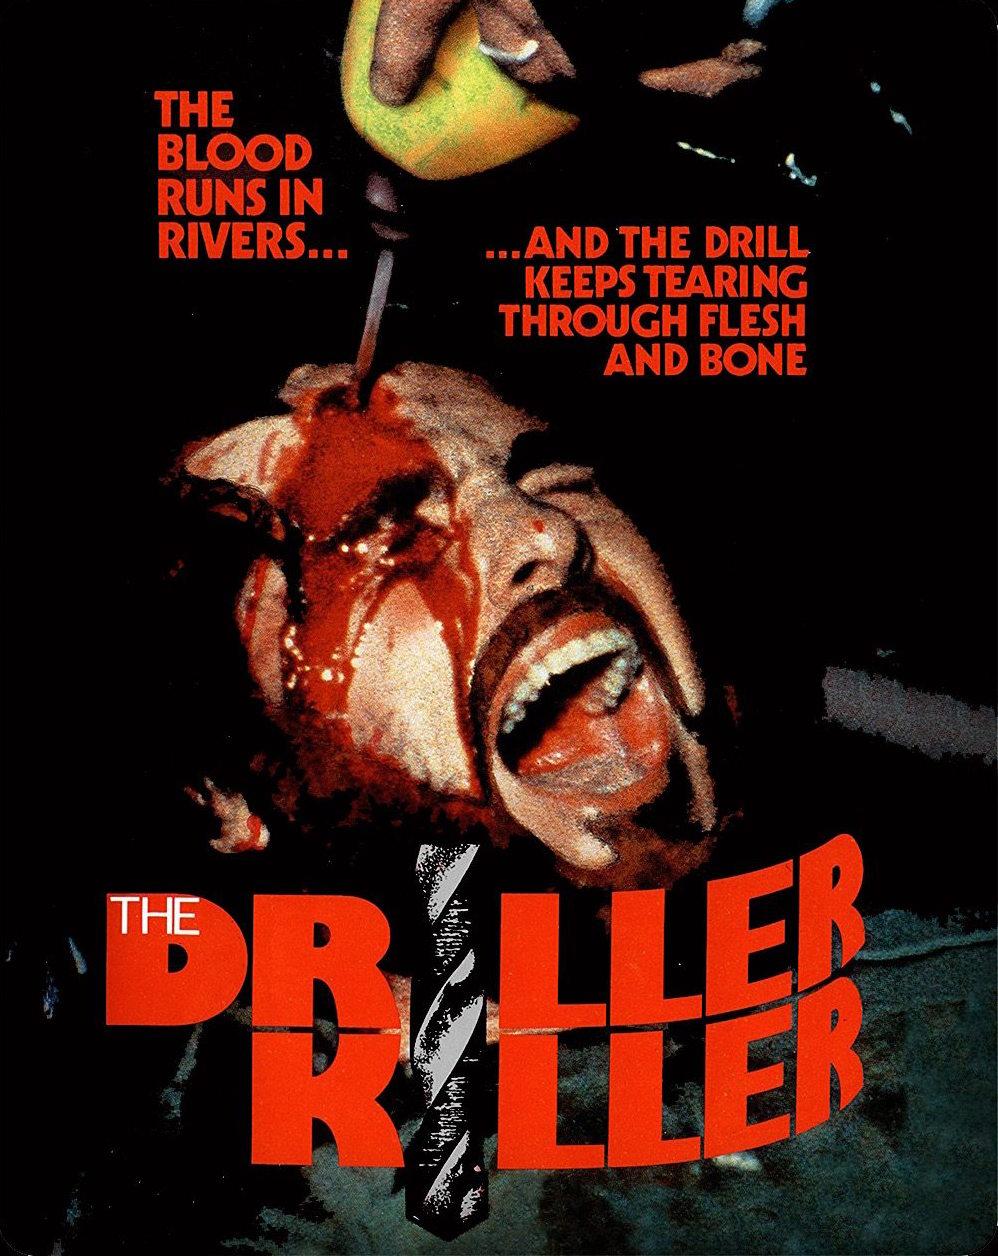 driller-killer-poster-1.jpg